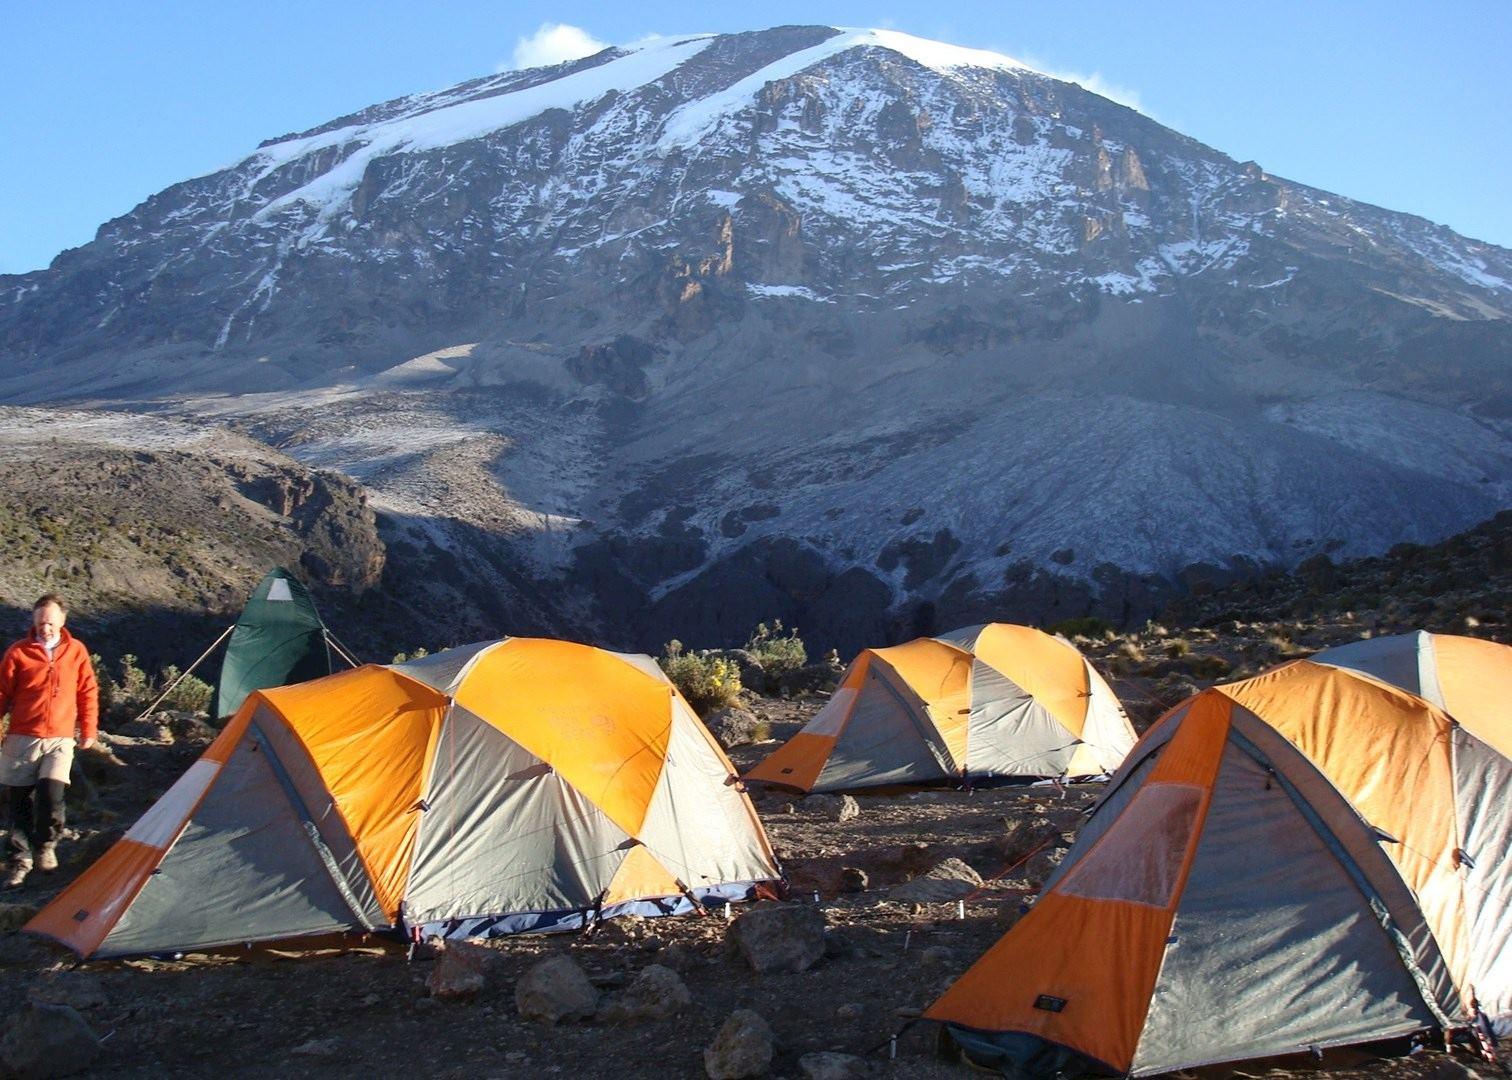 Mountain tents Mount Kilimanjaro & Mountain Dome Tents | Mount Kilimanjaro | Audley Travel